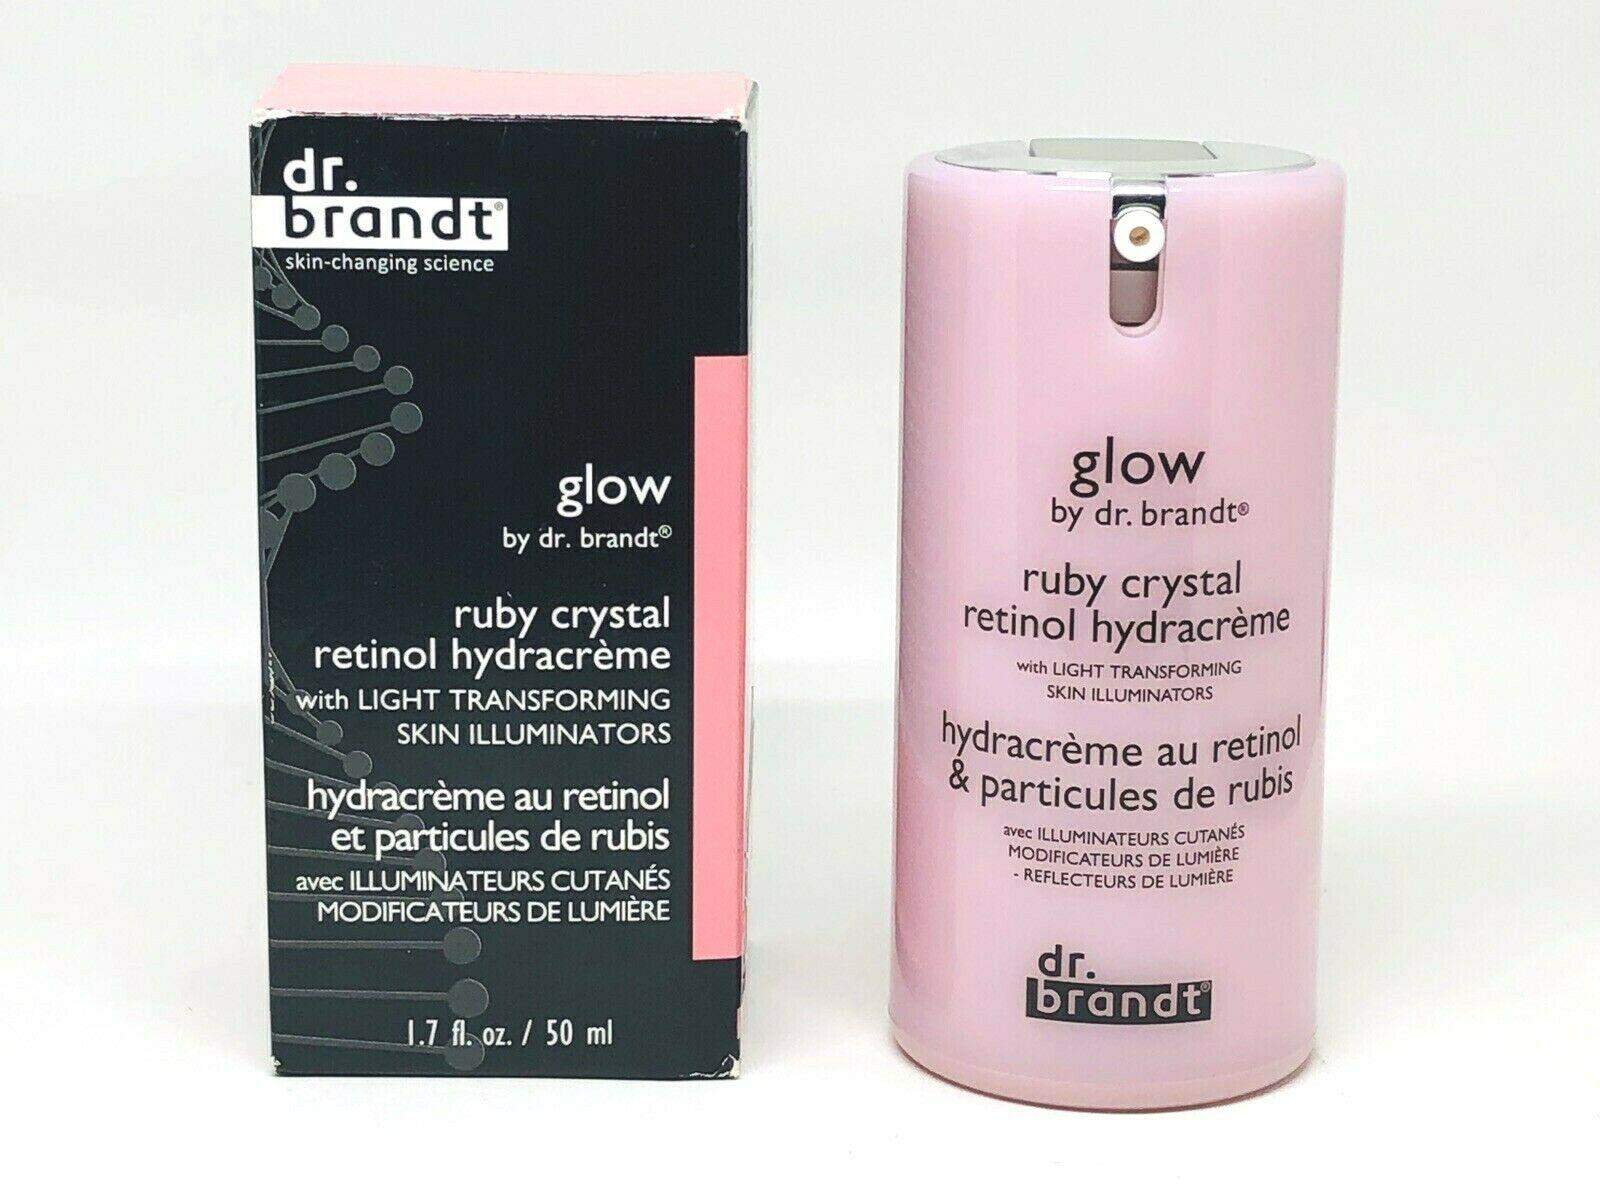 DR BRANDT Glow Ruby Crystal Retinol Hydracrème 1.7oz/ 50ml